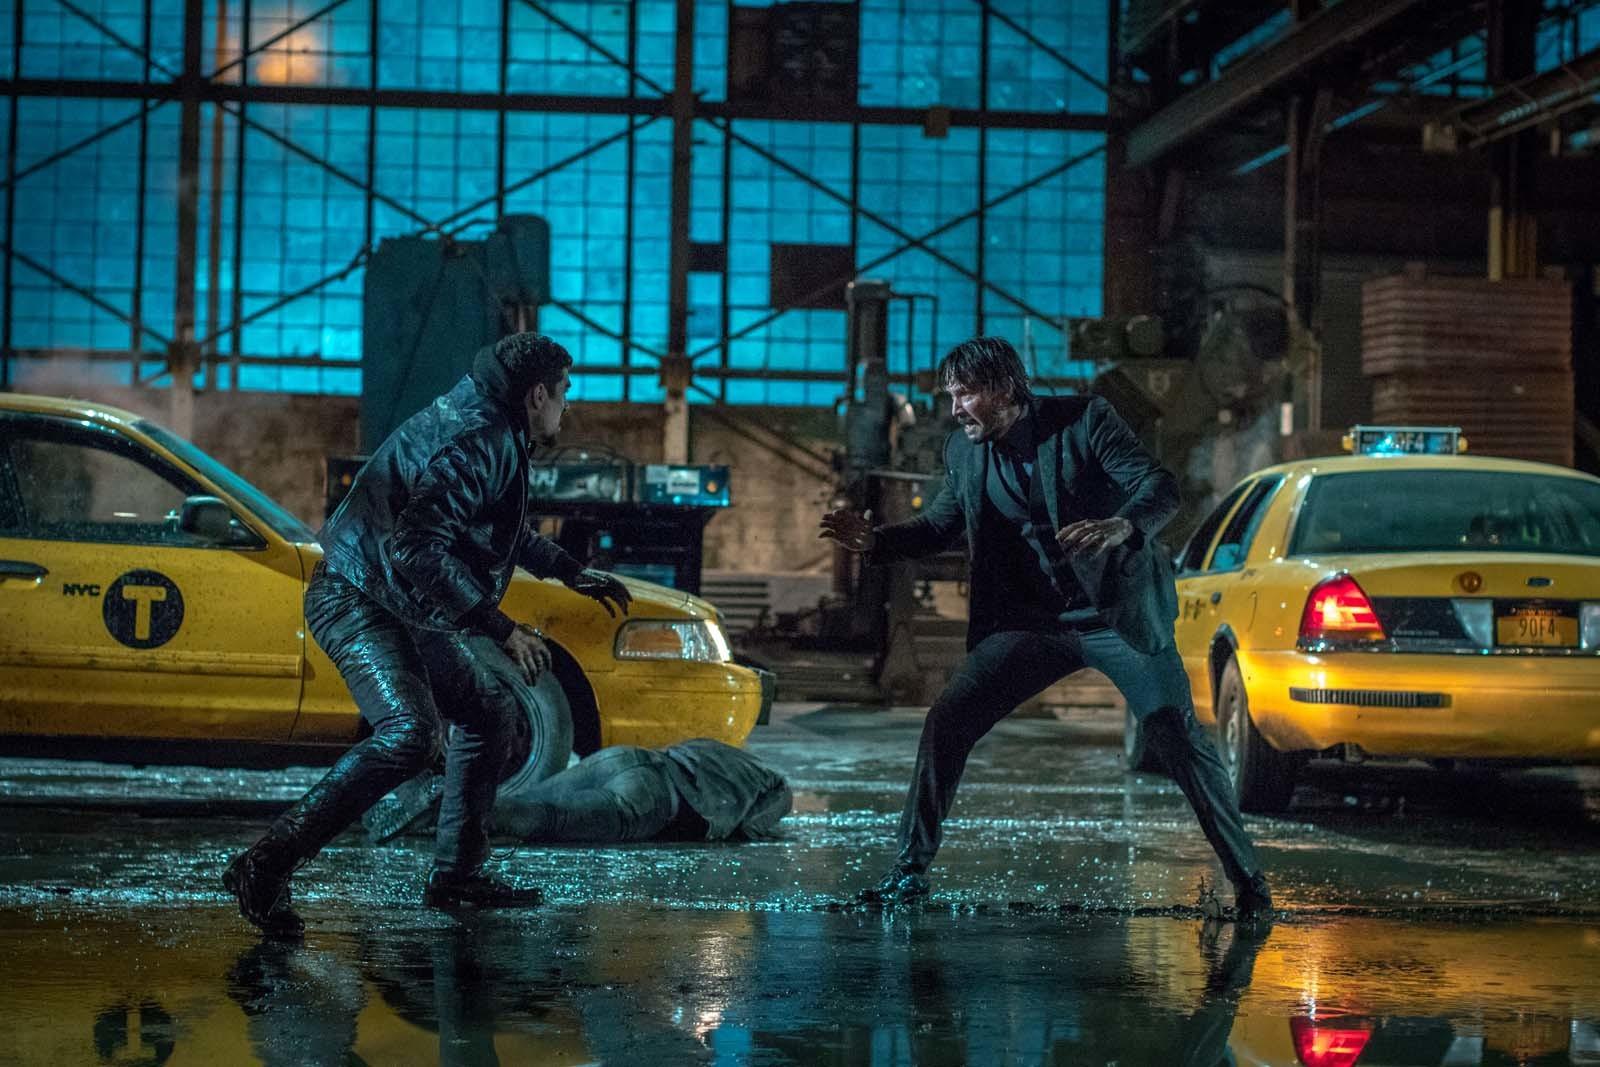 John Wick 2 Filmini Türkçe Dublaj İndir Ekran Görüntüsü 2